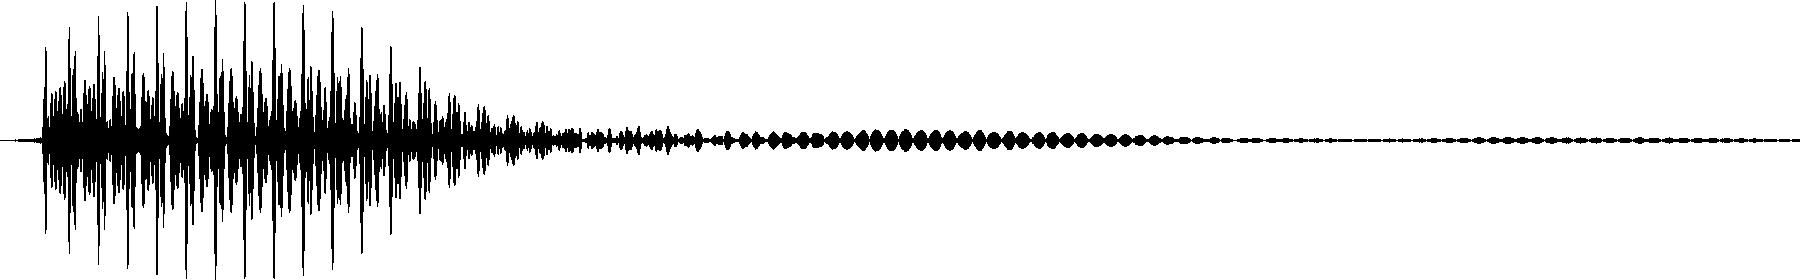 ps480 a1